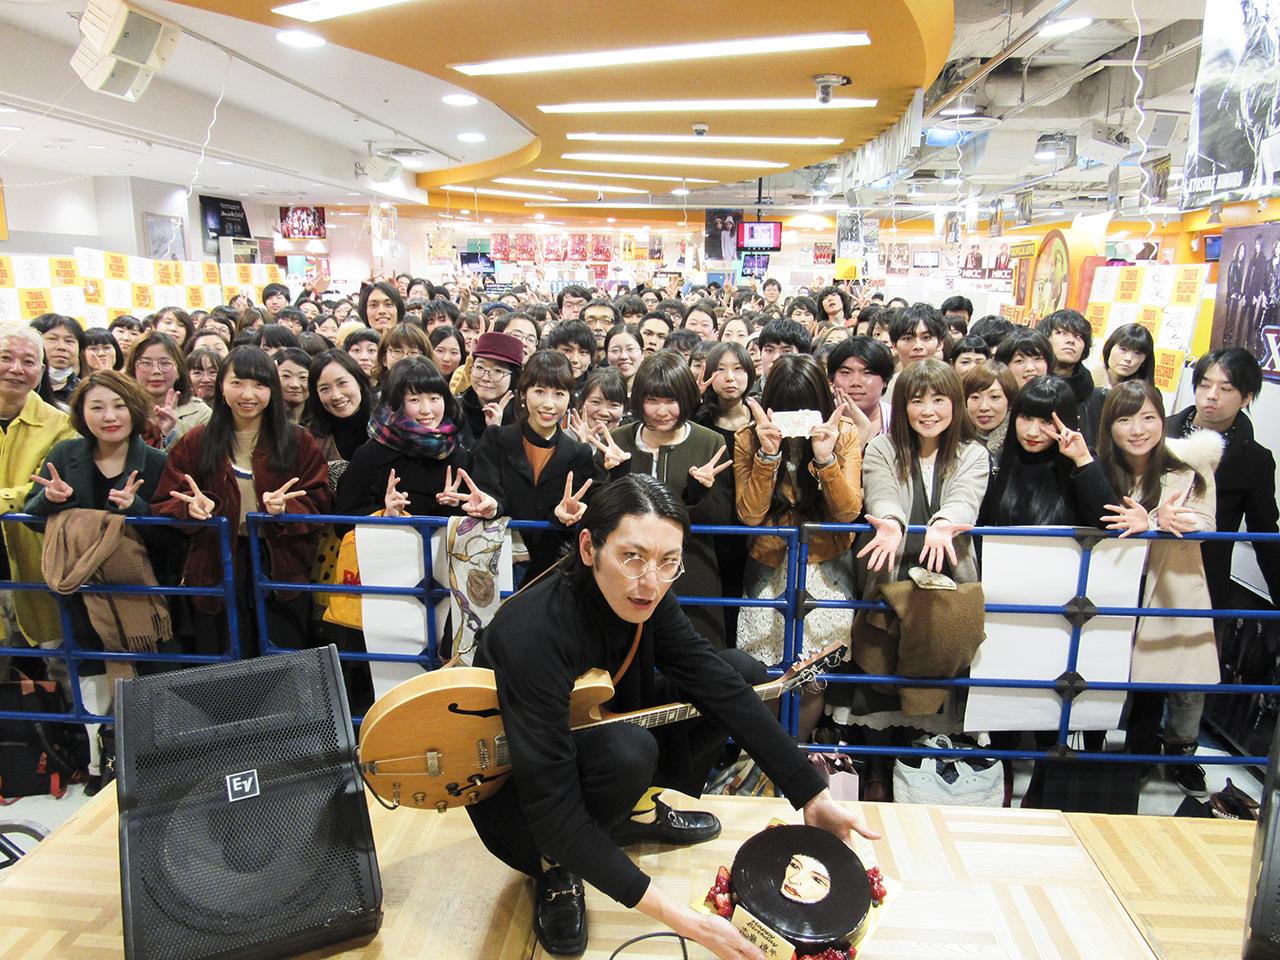 ドレスコーズ 志磨遼平/タワーレコード新宿インストアイベントにて。誕生日祝いの「平凡レコードケーキ」とともに